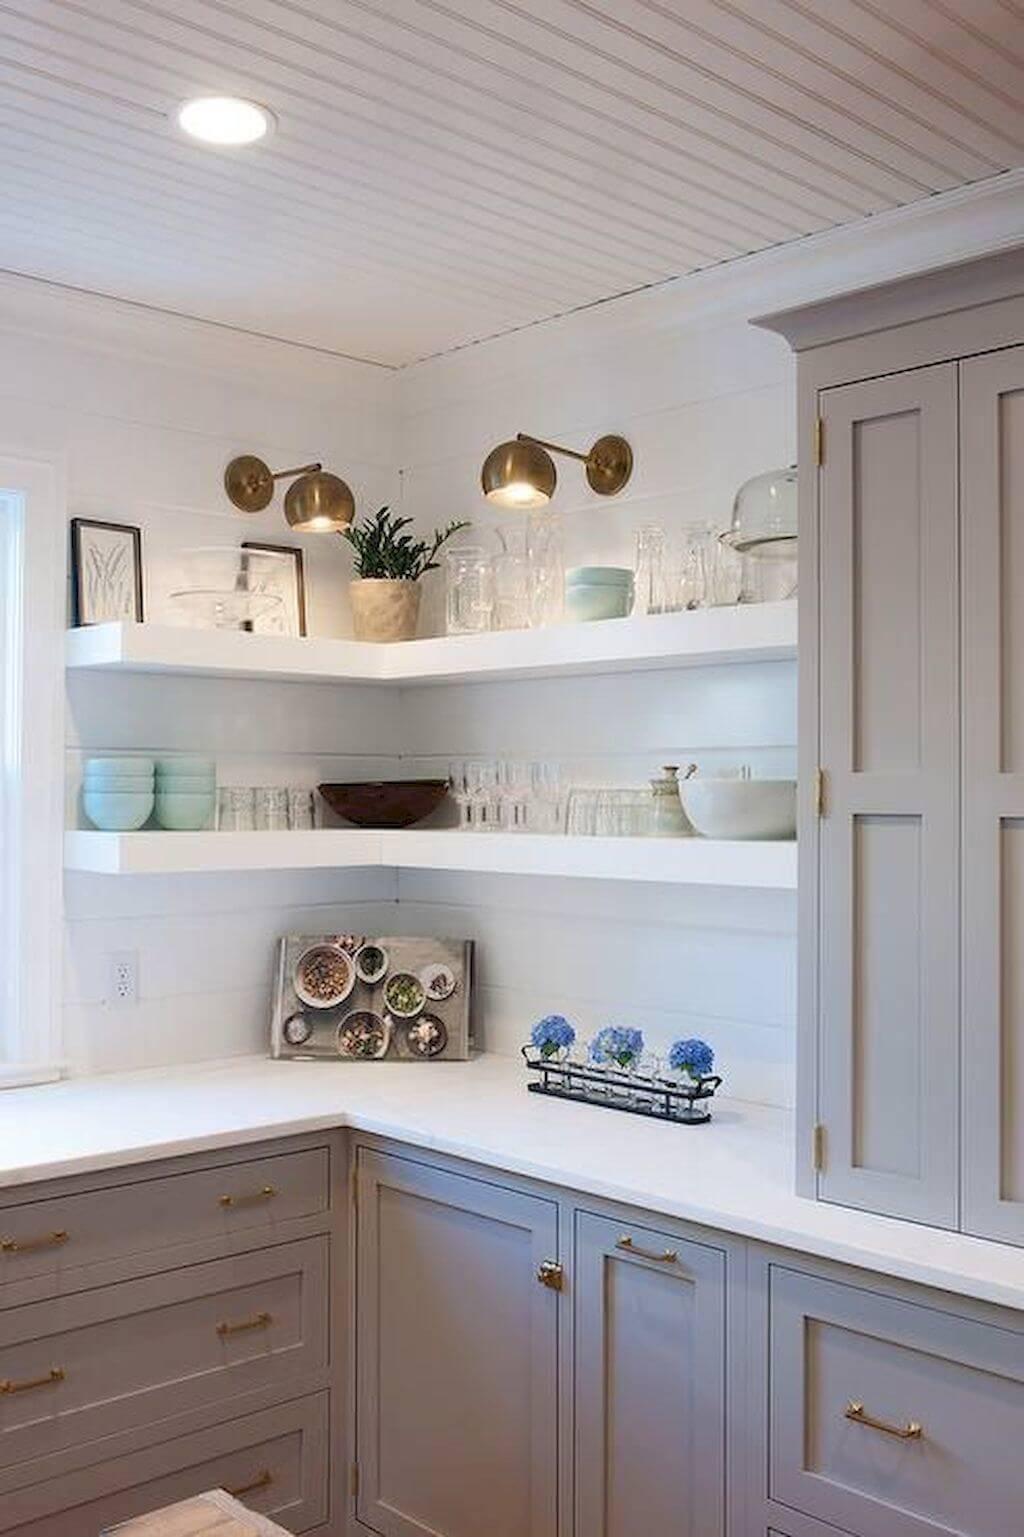 mutfak-acik-raf-modelleri açık mutfak raflarınızı nasıl düzenleyebilirsiniz - mutfak acik raf modelleri 18